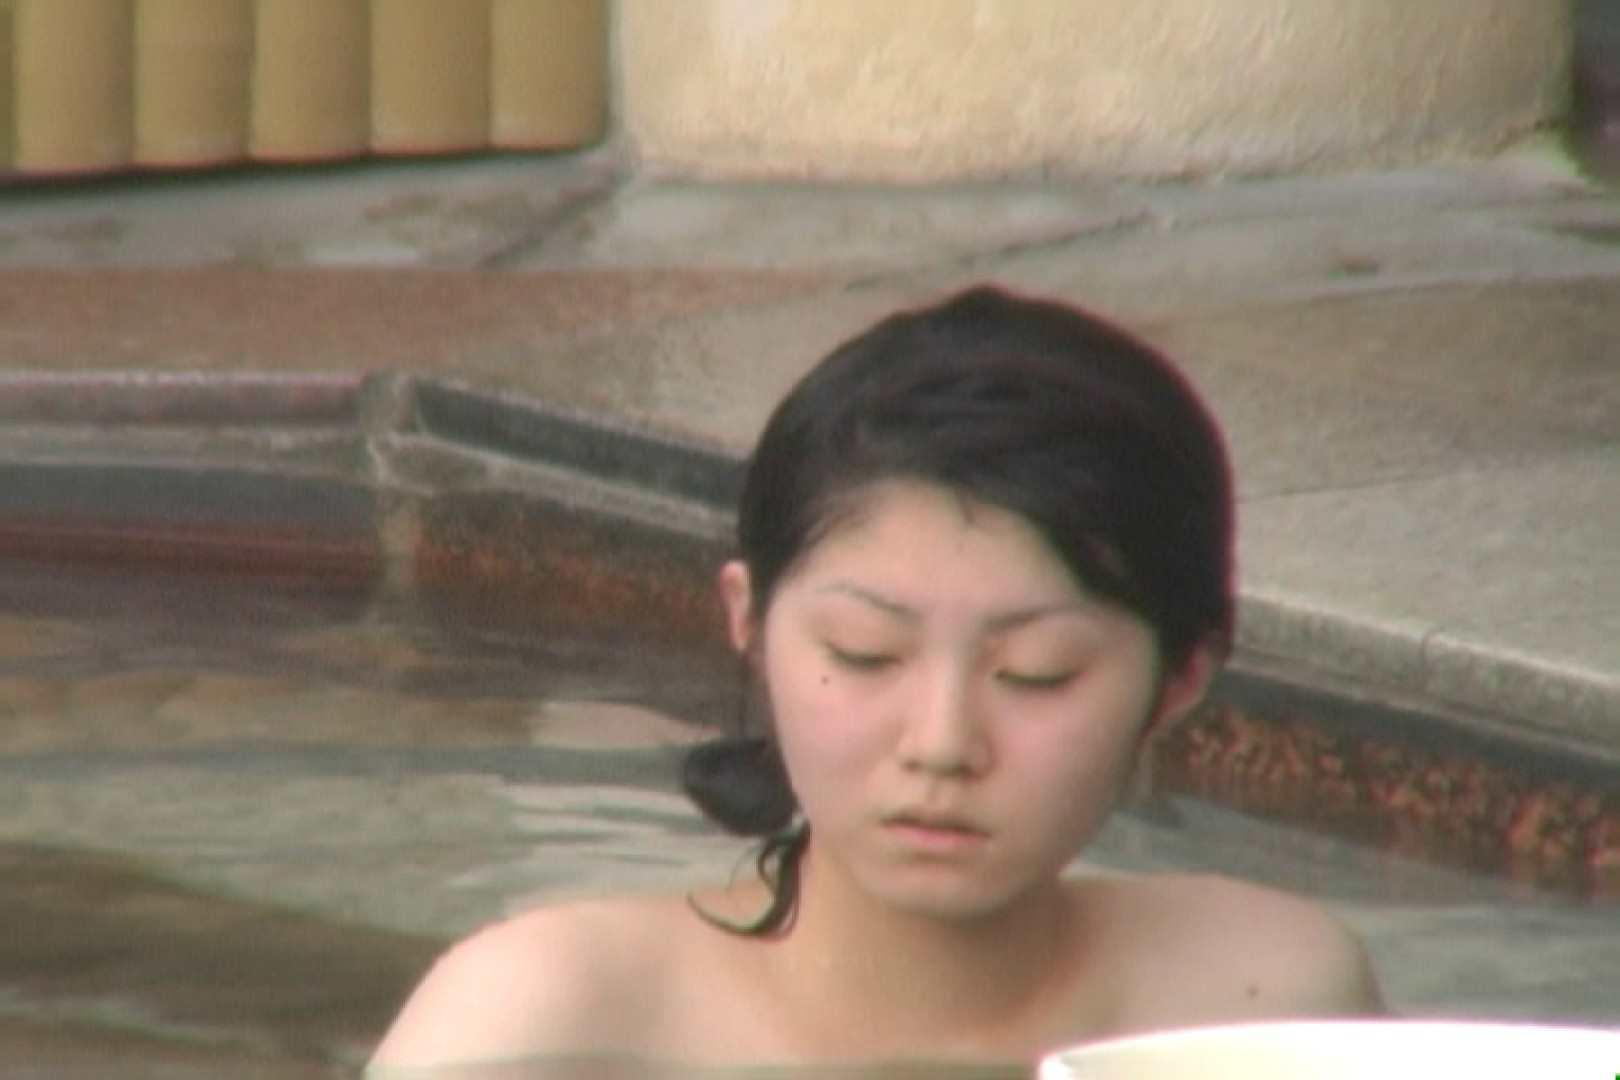 Aquaな露天風呂Vol.579 女体盗撮 隠し撮りオマンコ動画紹介 72連発 62